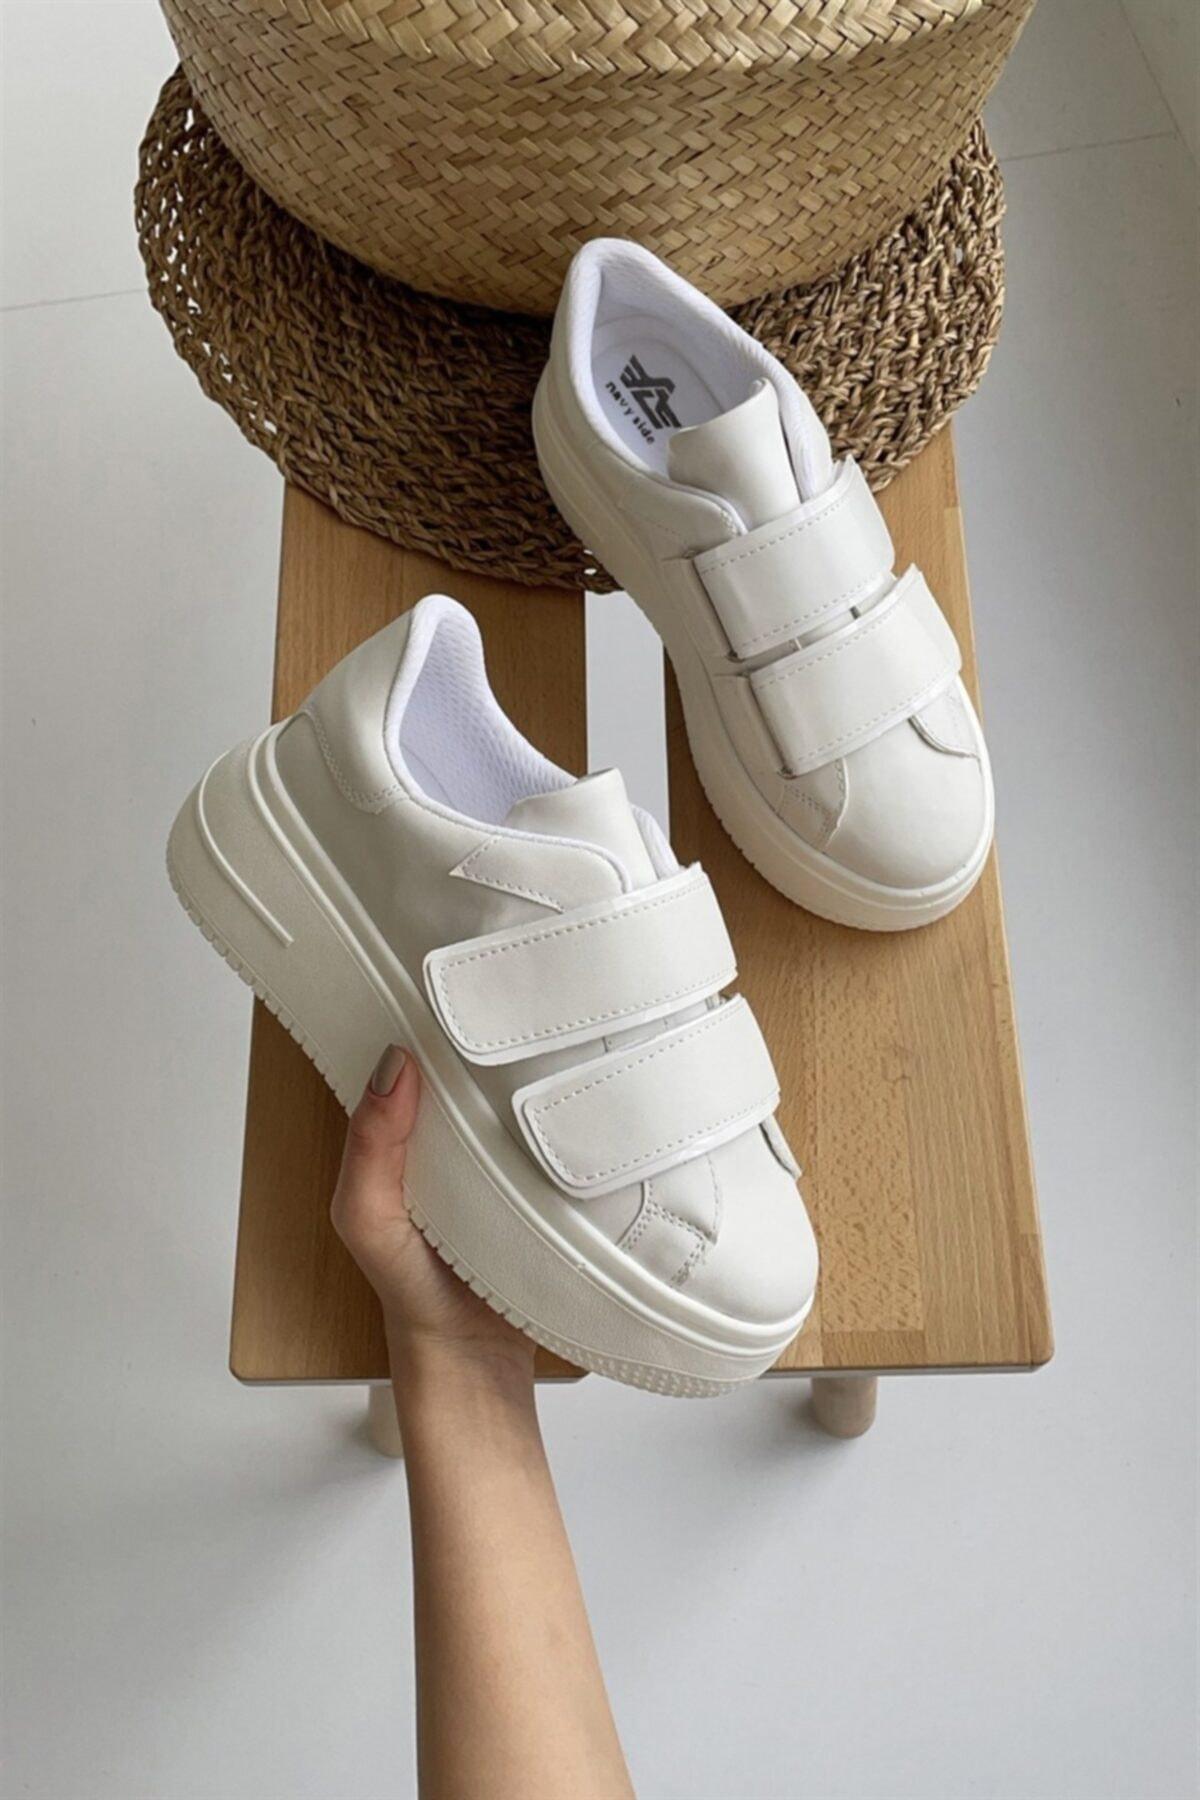 Kadın Beyaz Cırt Cırtlı Sneaker Spor Ayakkabı-Taban 5 cm-Yürüyüş Ayakkabısı Yüksek Tabanlı Bantlı